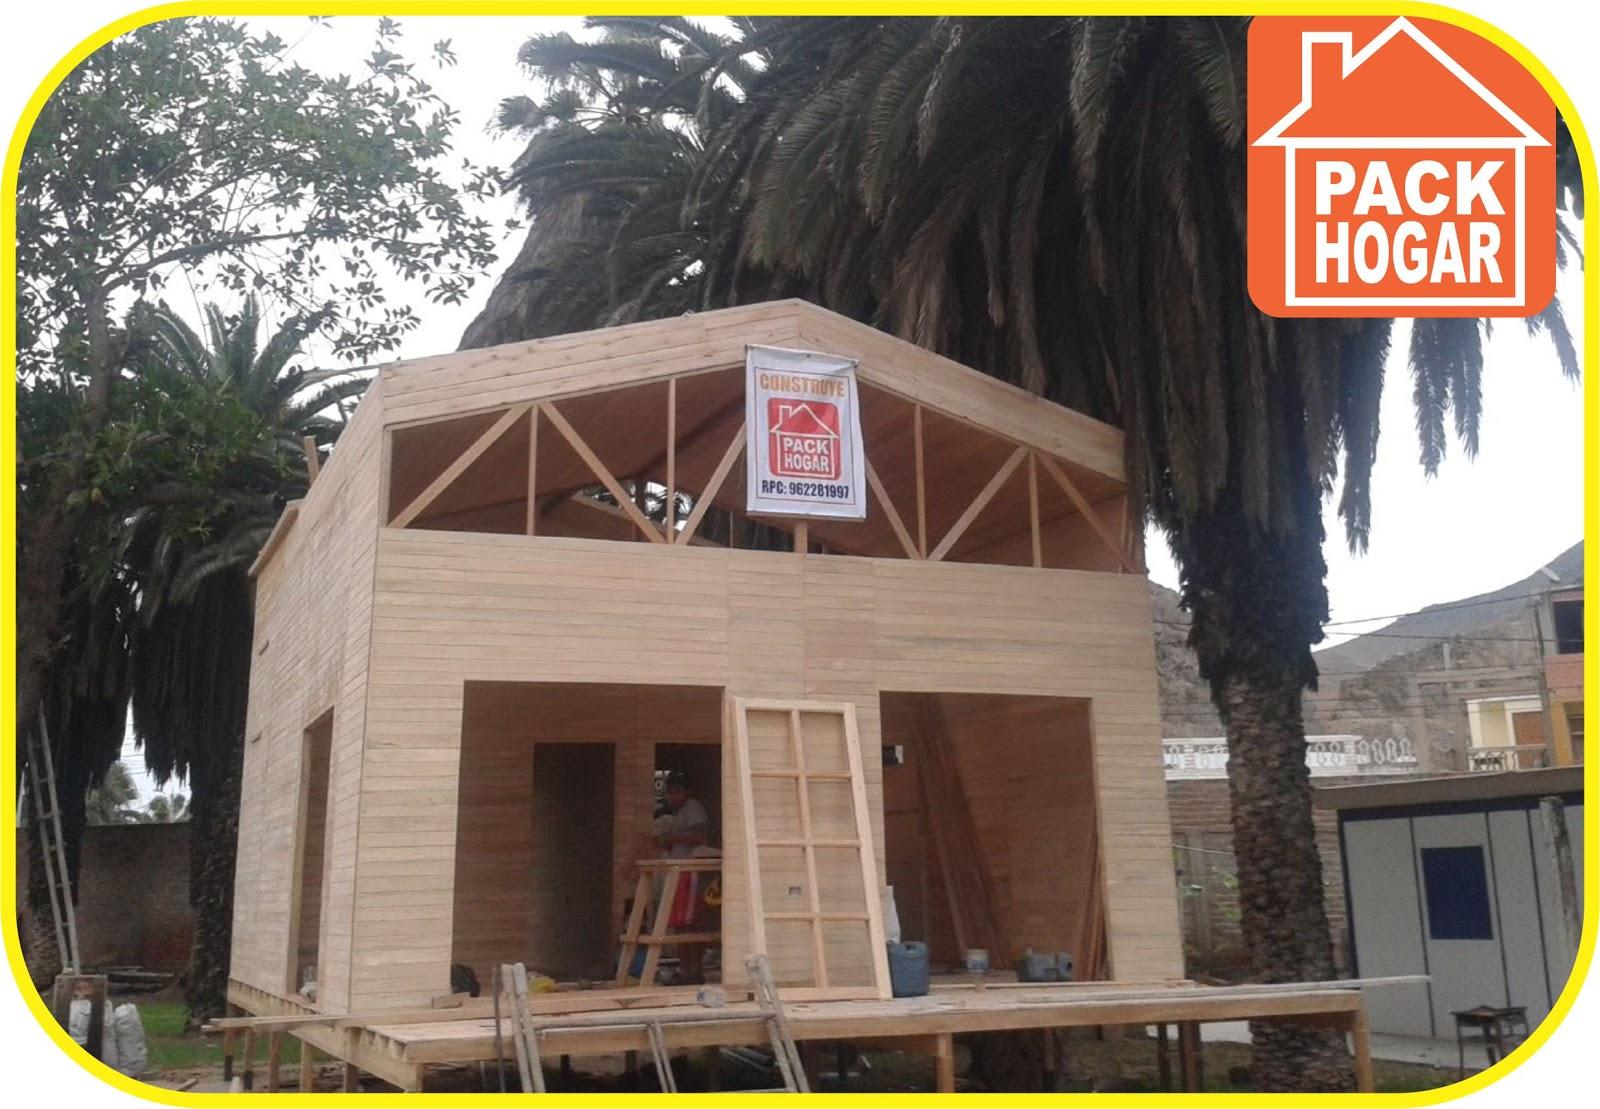 Las casas de madera prefabricadas ahorran un 90 en gastos de energ a el ctrica - Feria de casas prefabricadas ...